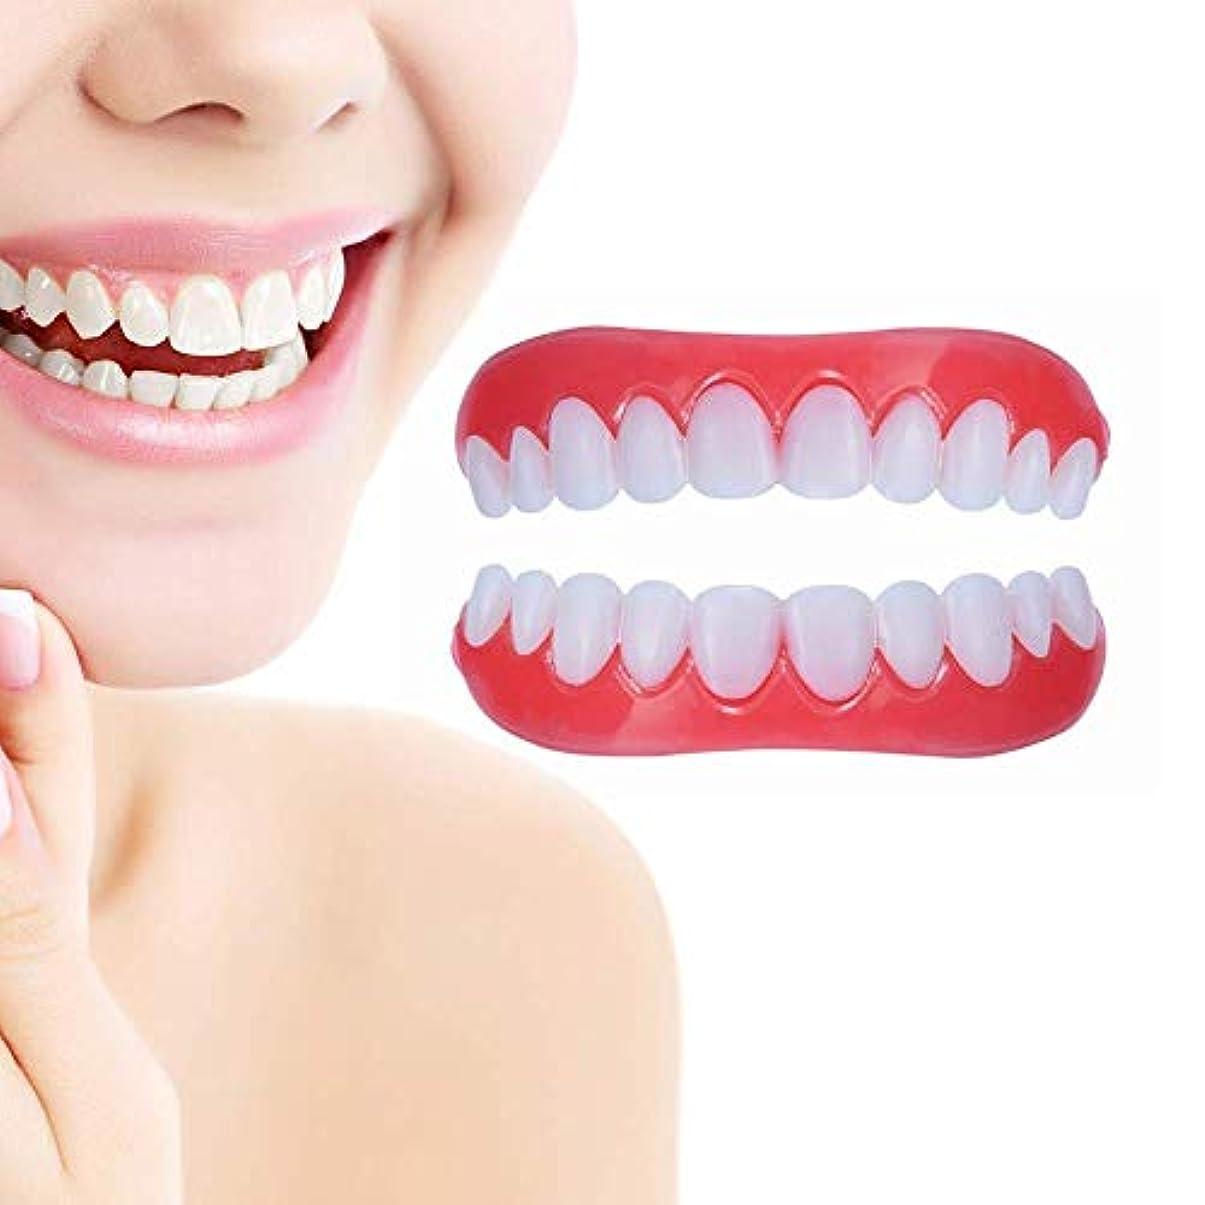 アナウンサーモロニック計算する仮装用義歯義歯用化粧品シミュレートされたブレース上部ブレース+下部ブレース、ホワイトニング歯スナップキャップ,5pairs